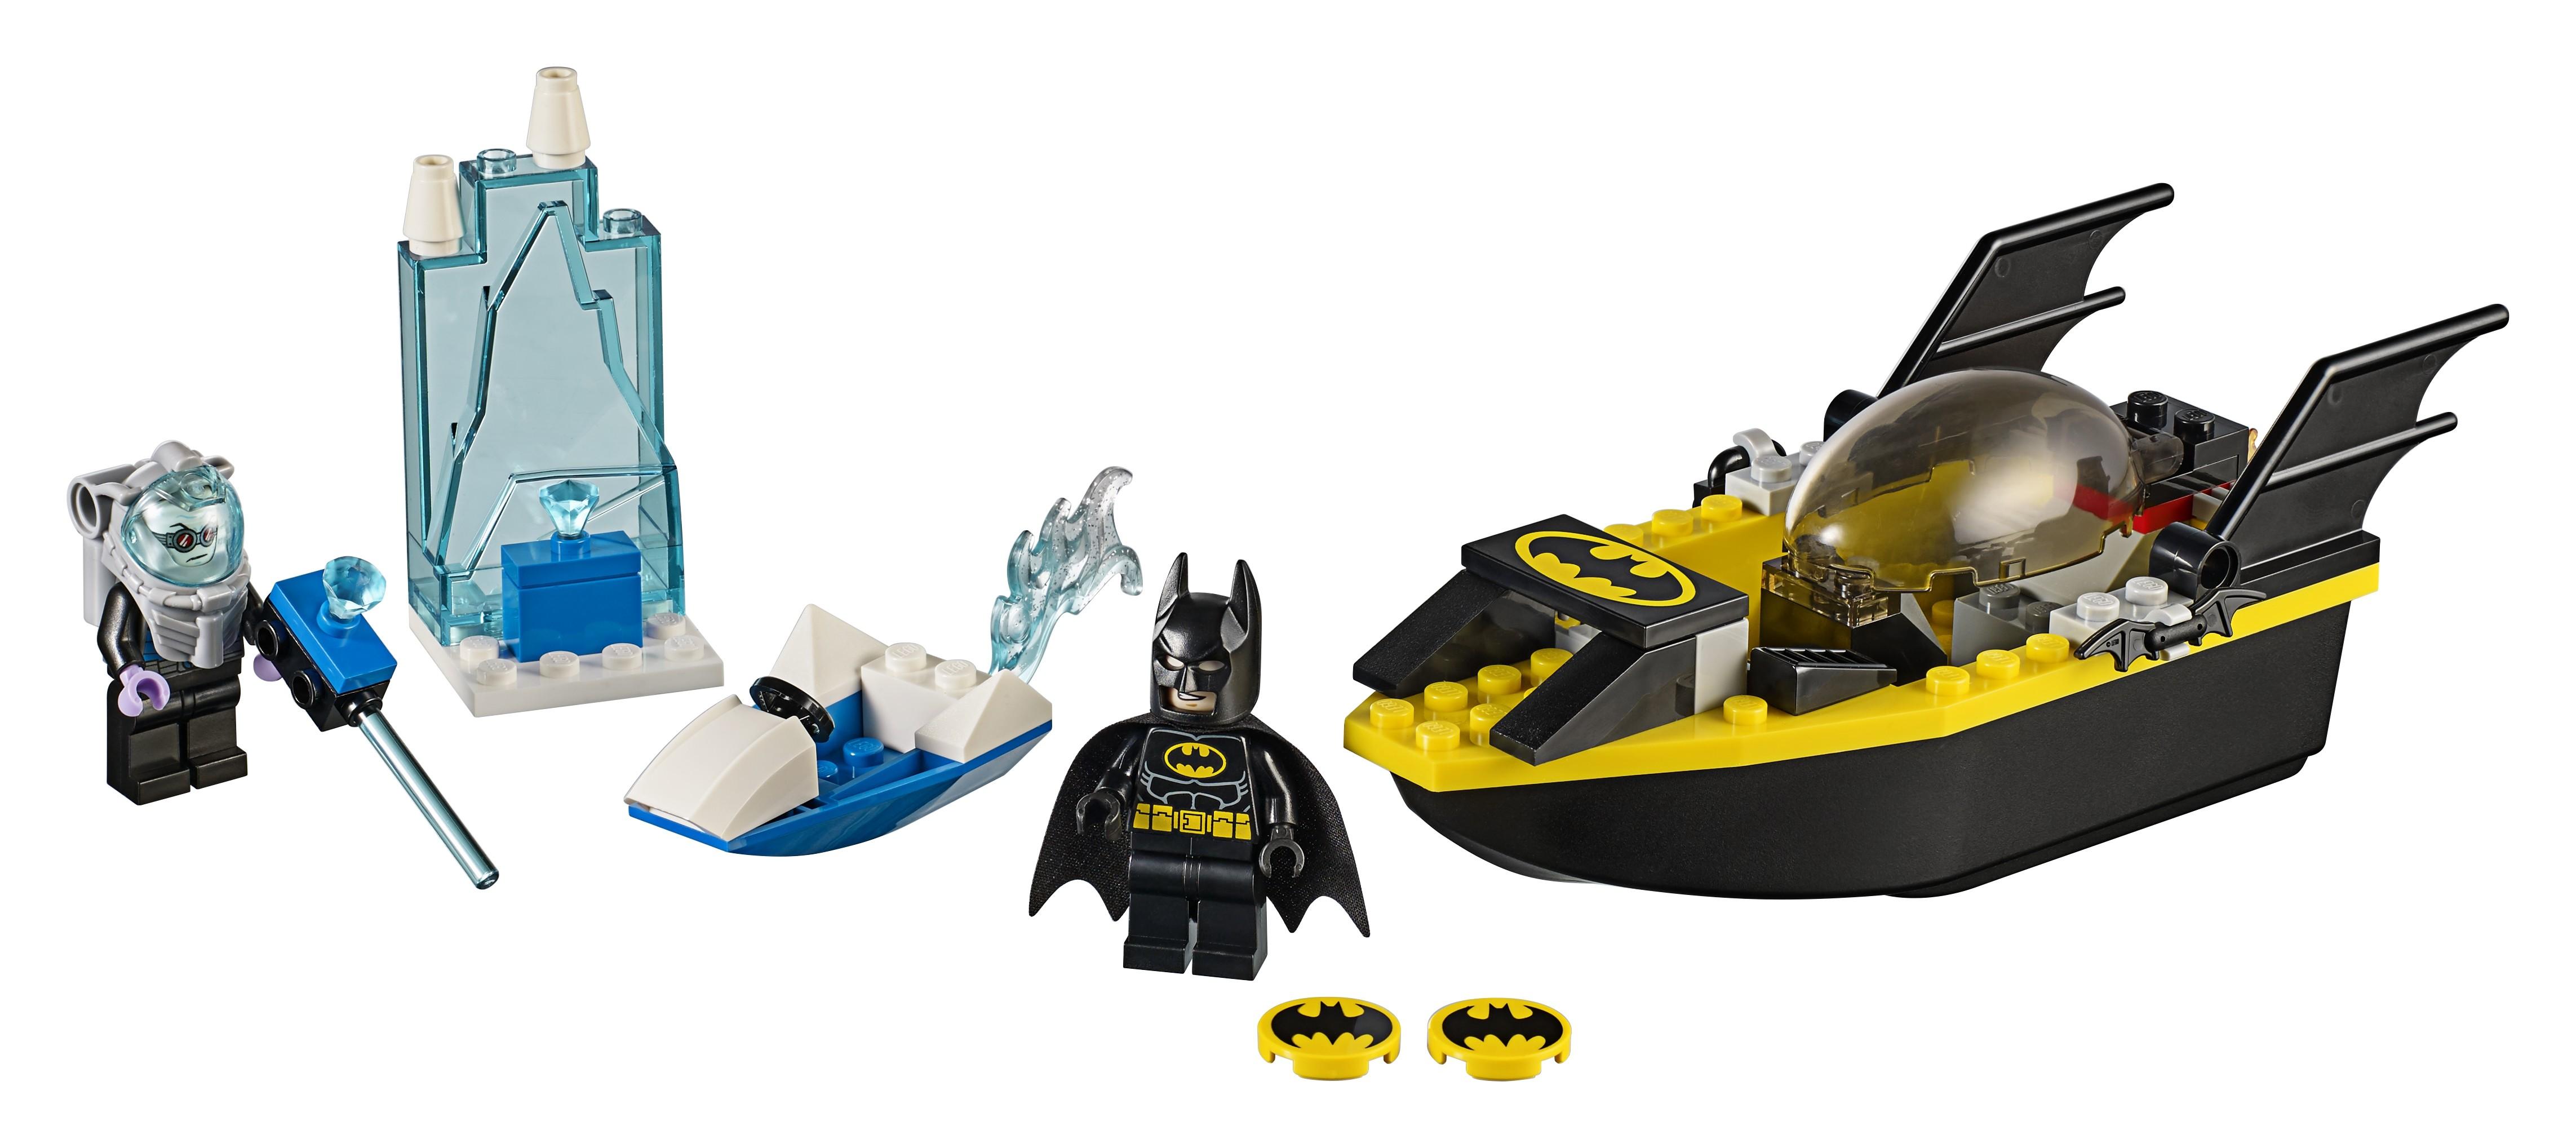 LEGO LEGO Juniors 10737 Бэтмен против Мистера Фриза lego juniors конструктор бэтмен против мистера фриза 10737